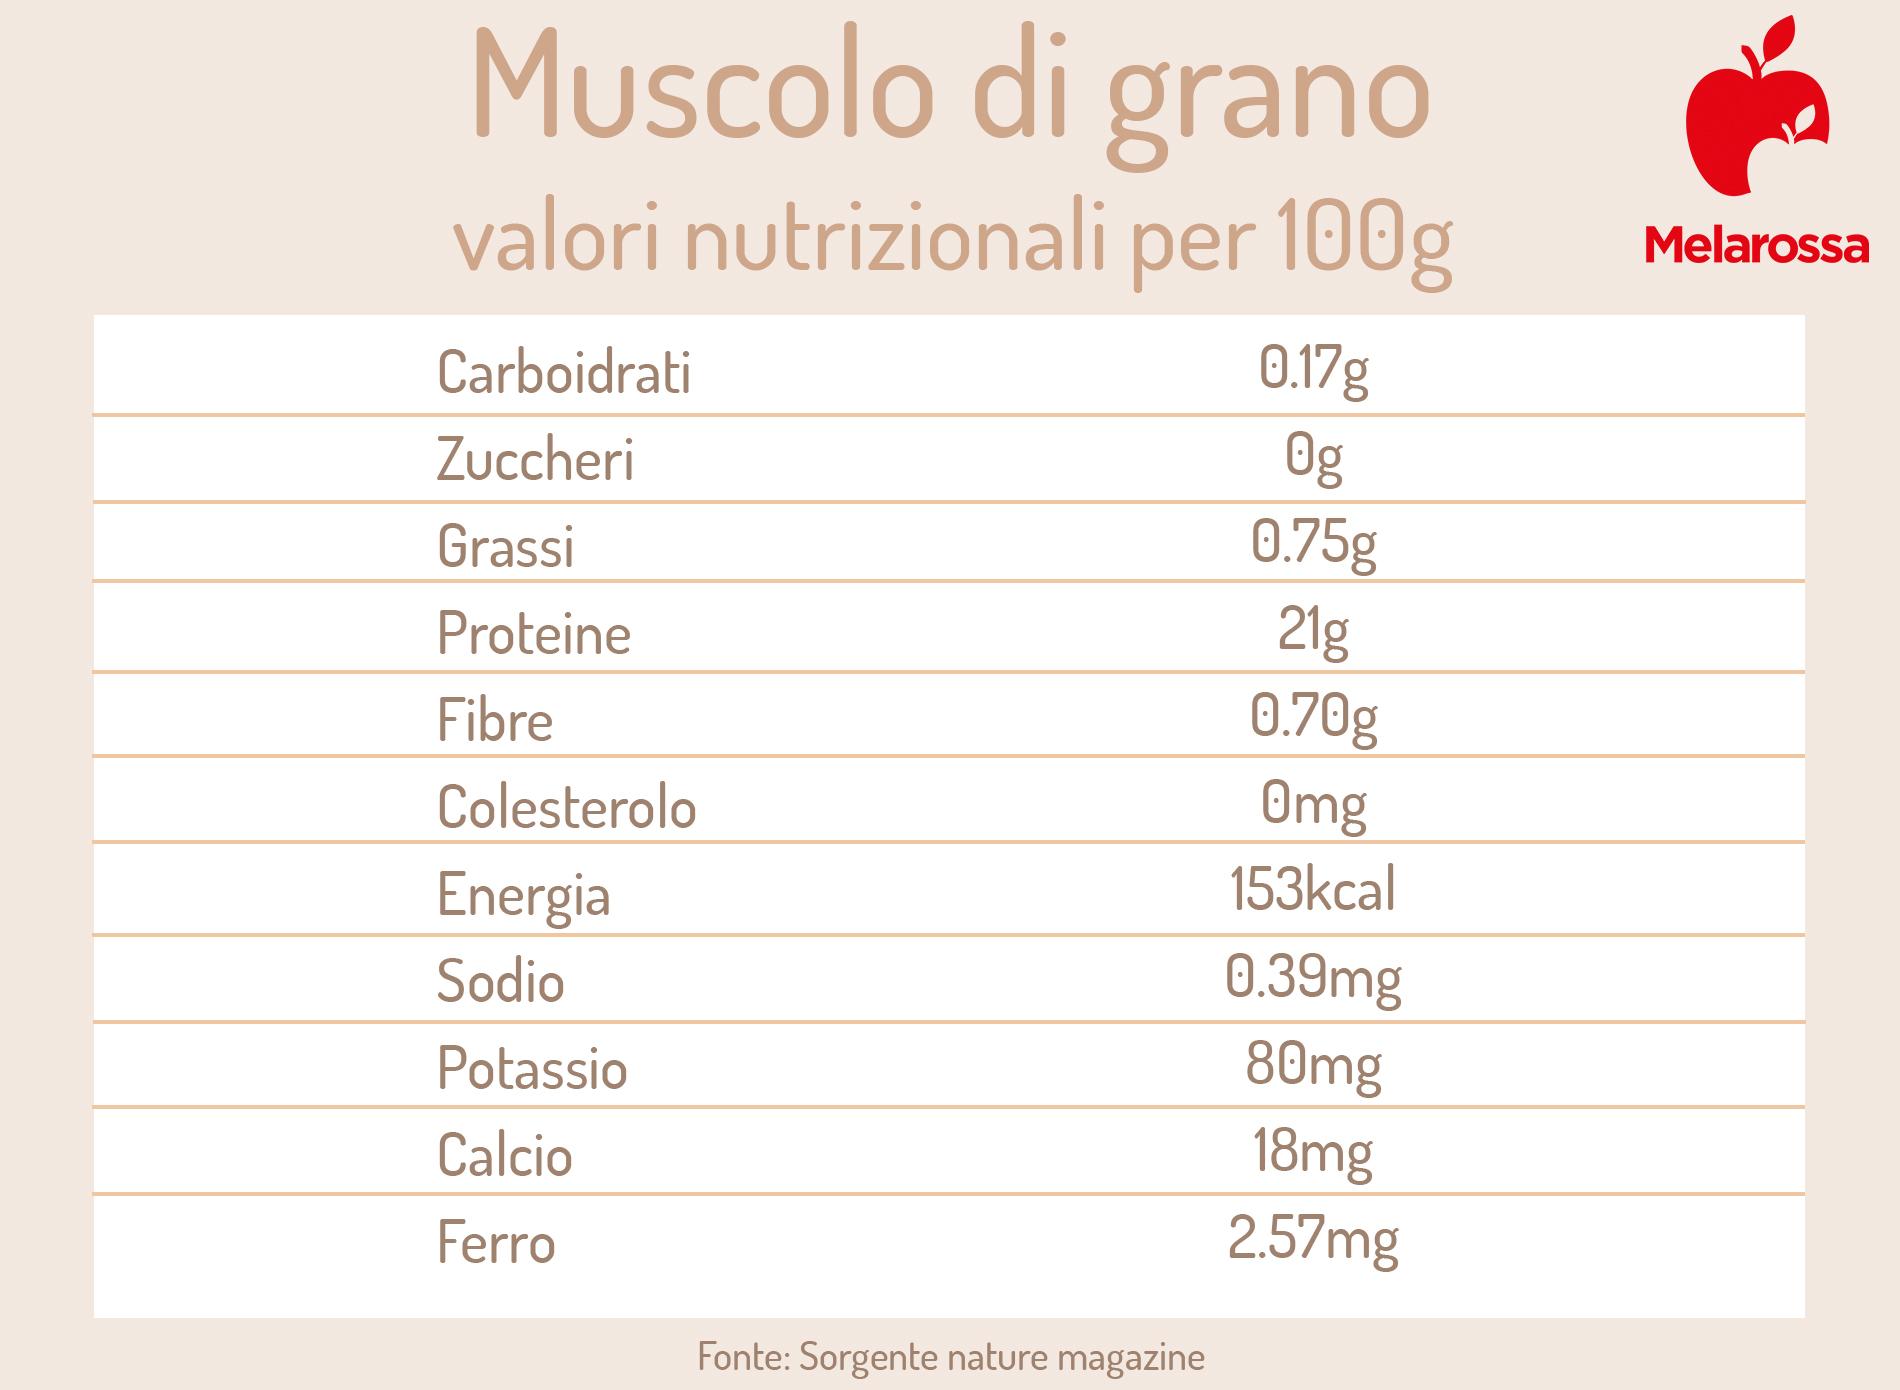 muscolo di grano valori nutrizionali